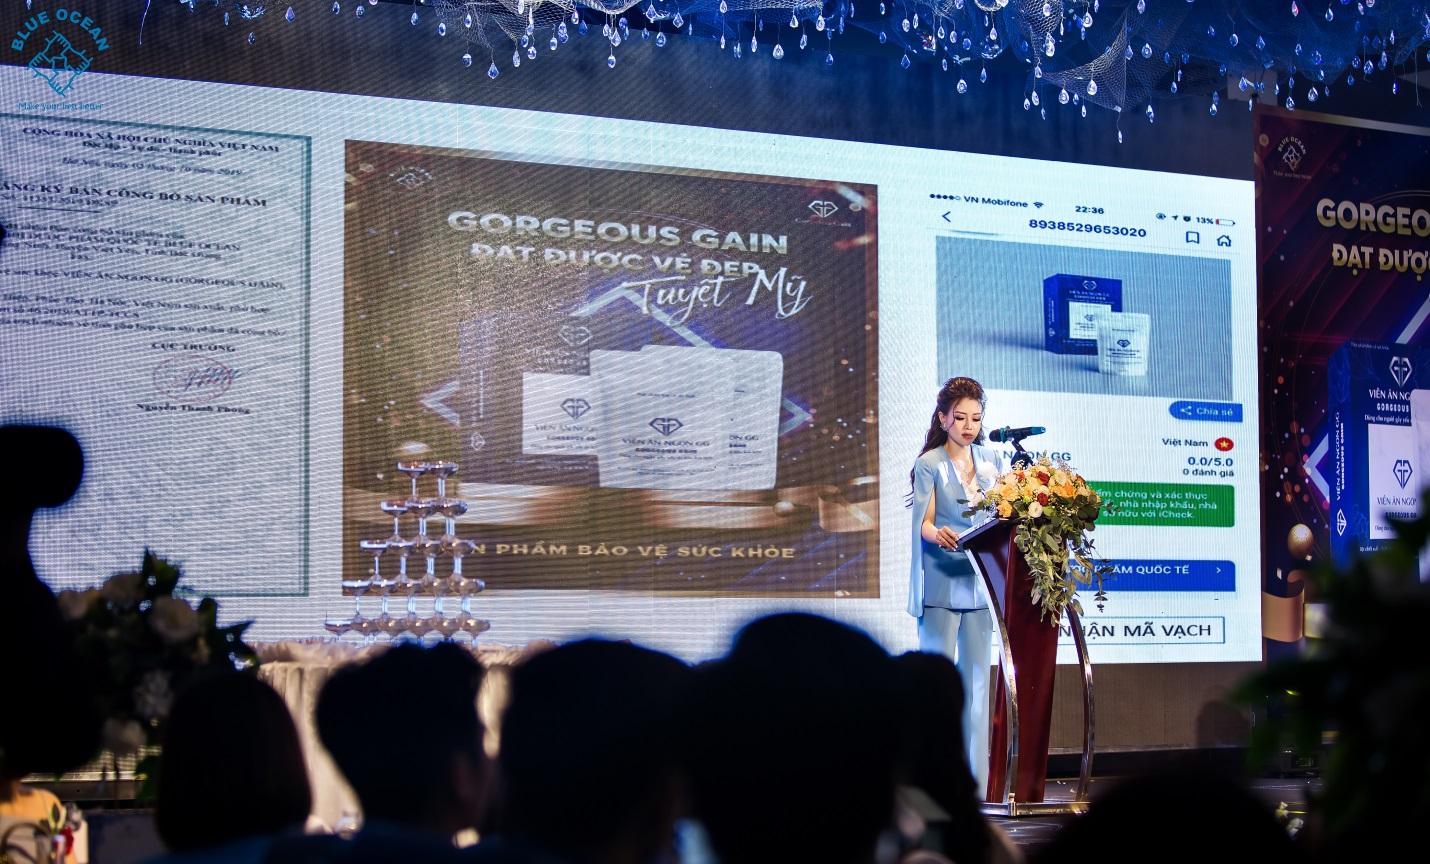 Công ty dược phẩm quốc tế Blue Ocean tổ chức lễ giới thiệu sản phẩm mới và vinh danh hệ thống nhà phân phối xuất sắc  - Ảnh 1